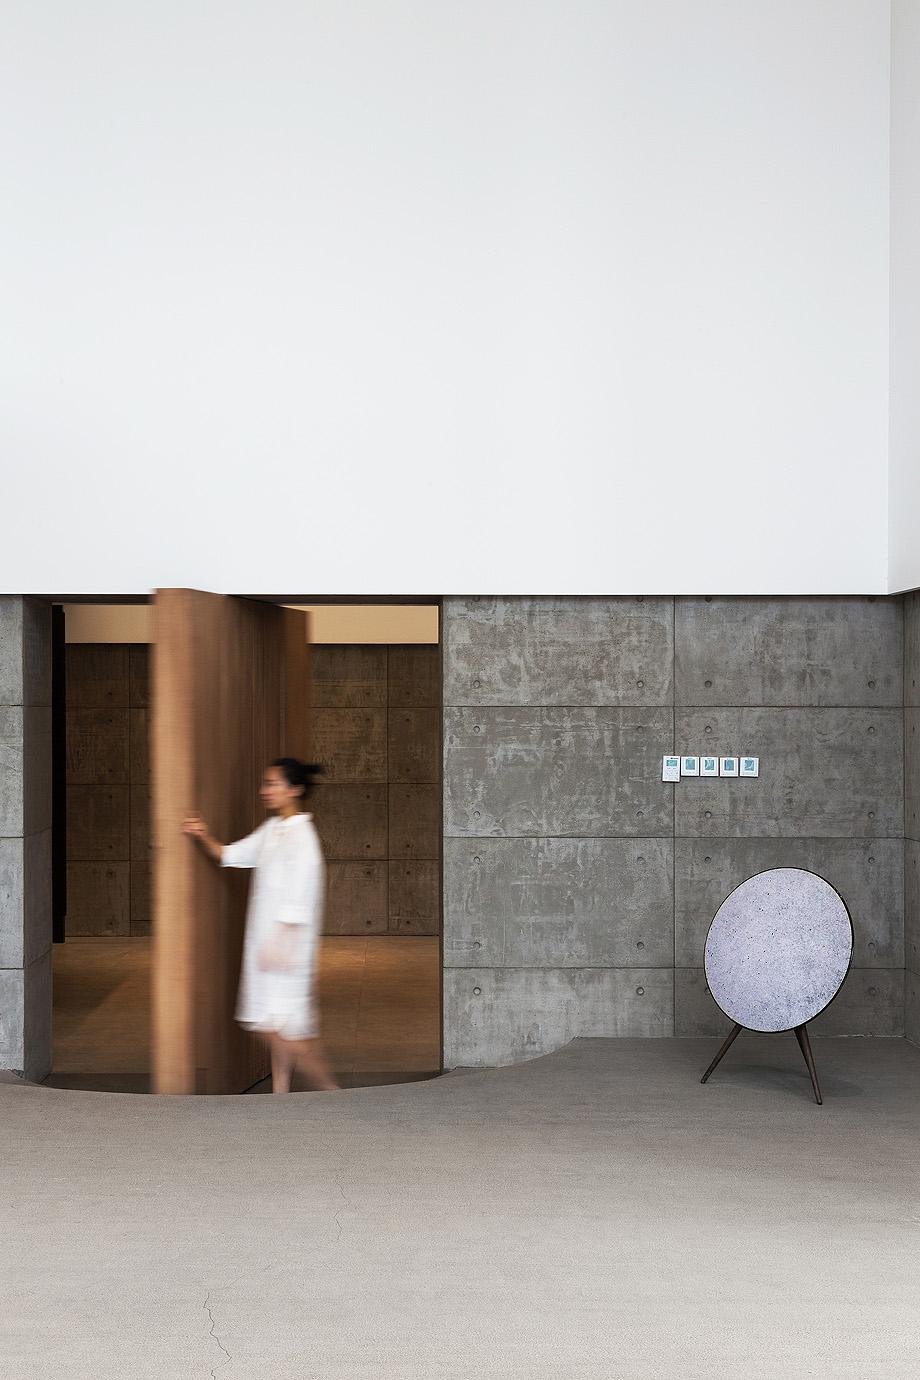 oficinas de tkstyle de jacky.w design - foto wenyao (11)